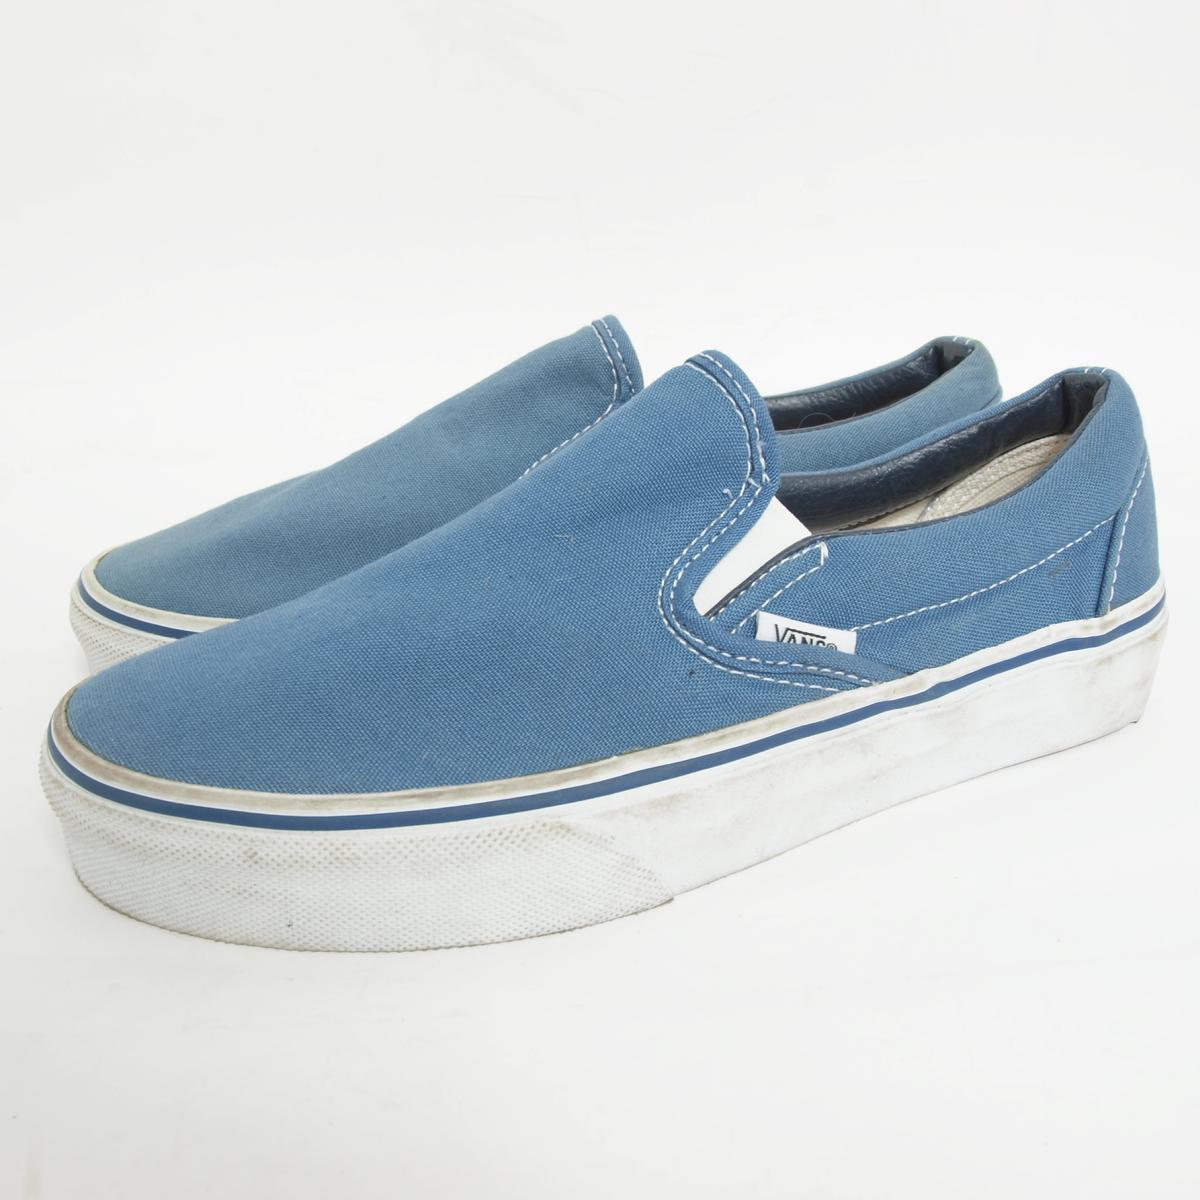 c482e1fa2b9 VINTAGE CLOTHING JAM  Vans VANS SLIP-ON slip-ons sneakers US5.5 ...